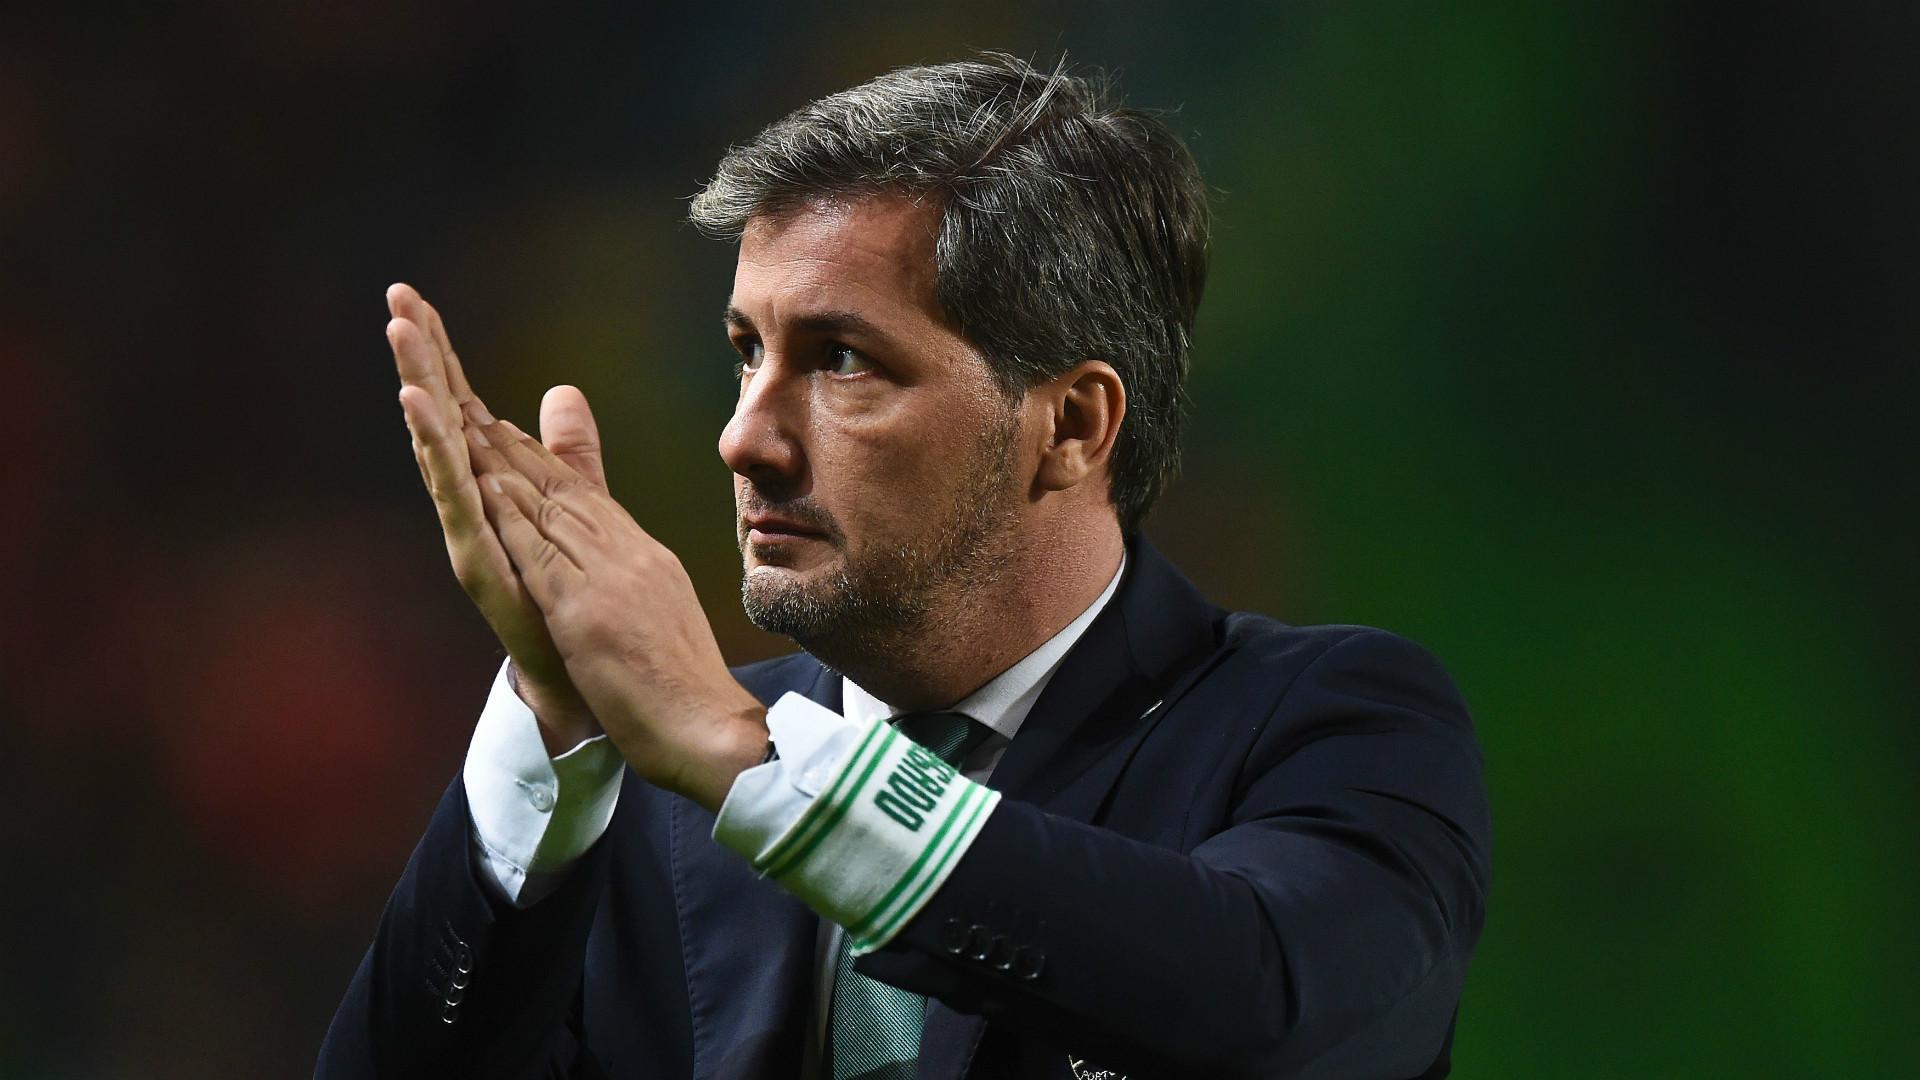 Bruno de Carvalho Sporting